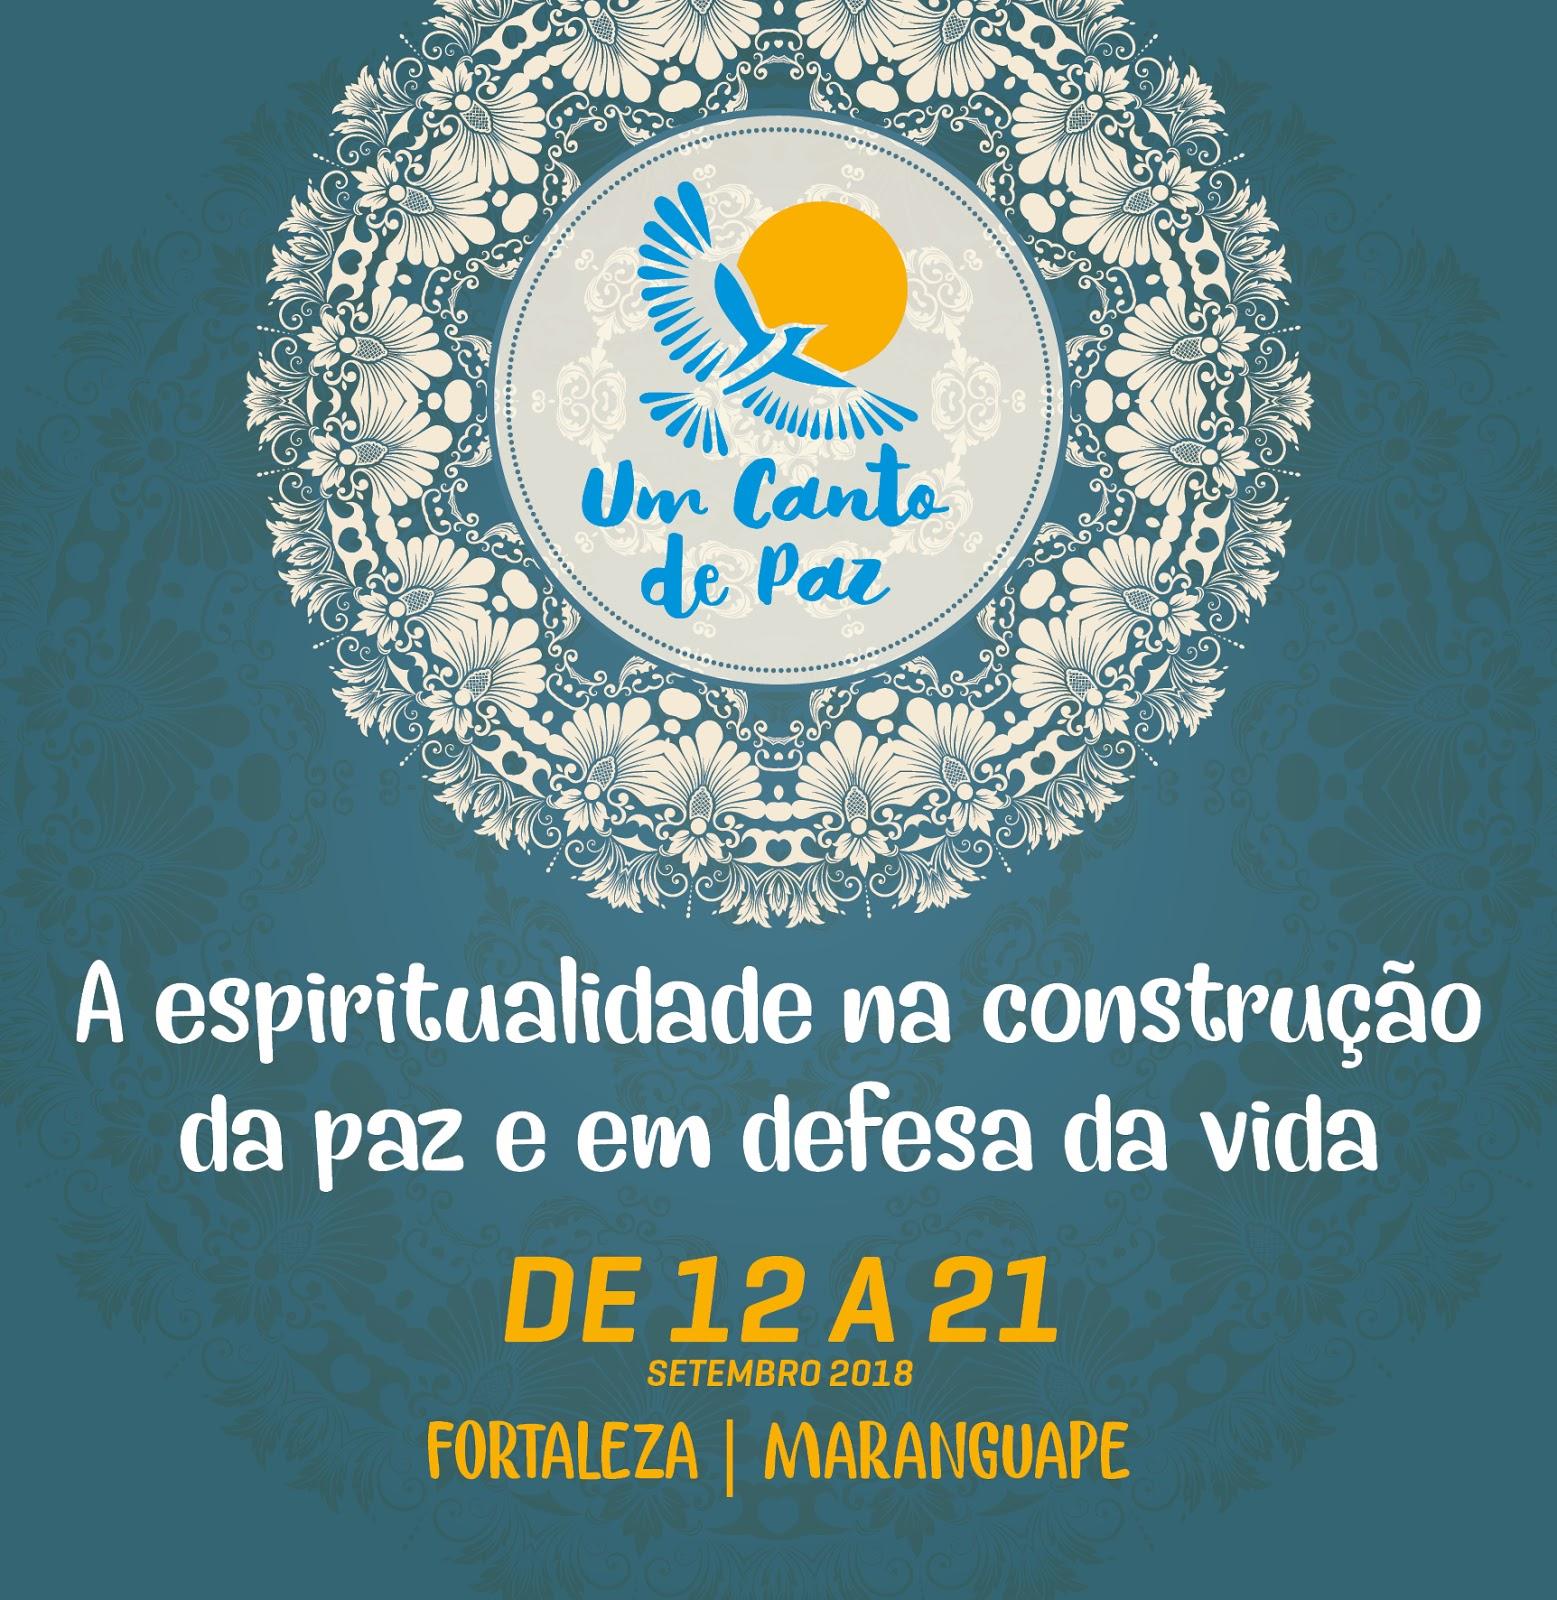 b54fa5976c O evento é realizado pela Trupe do Riso e pela Associação Um Canto de Paz